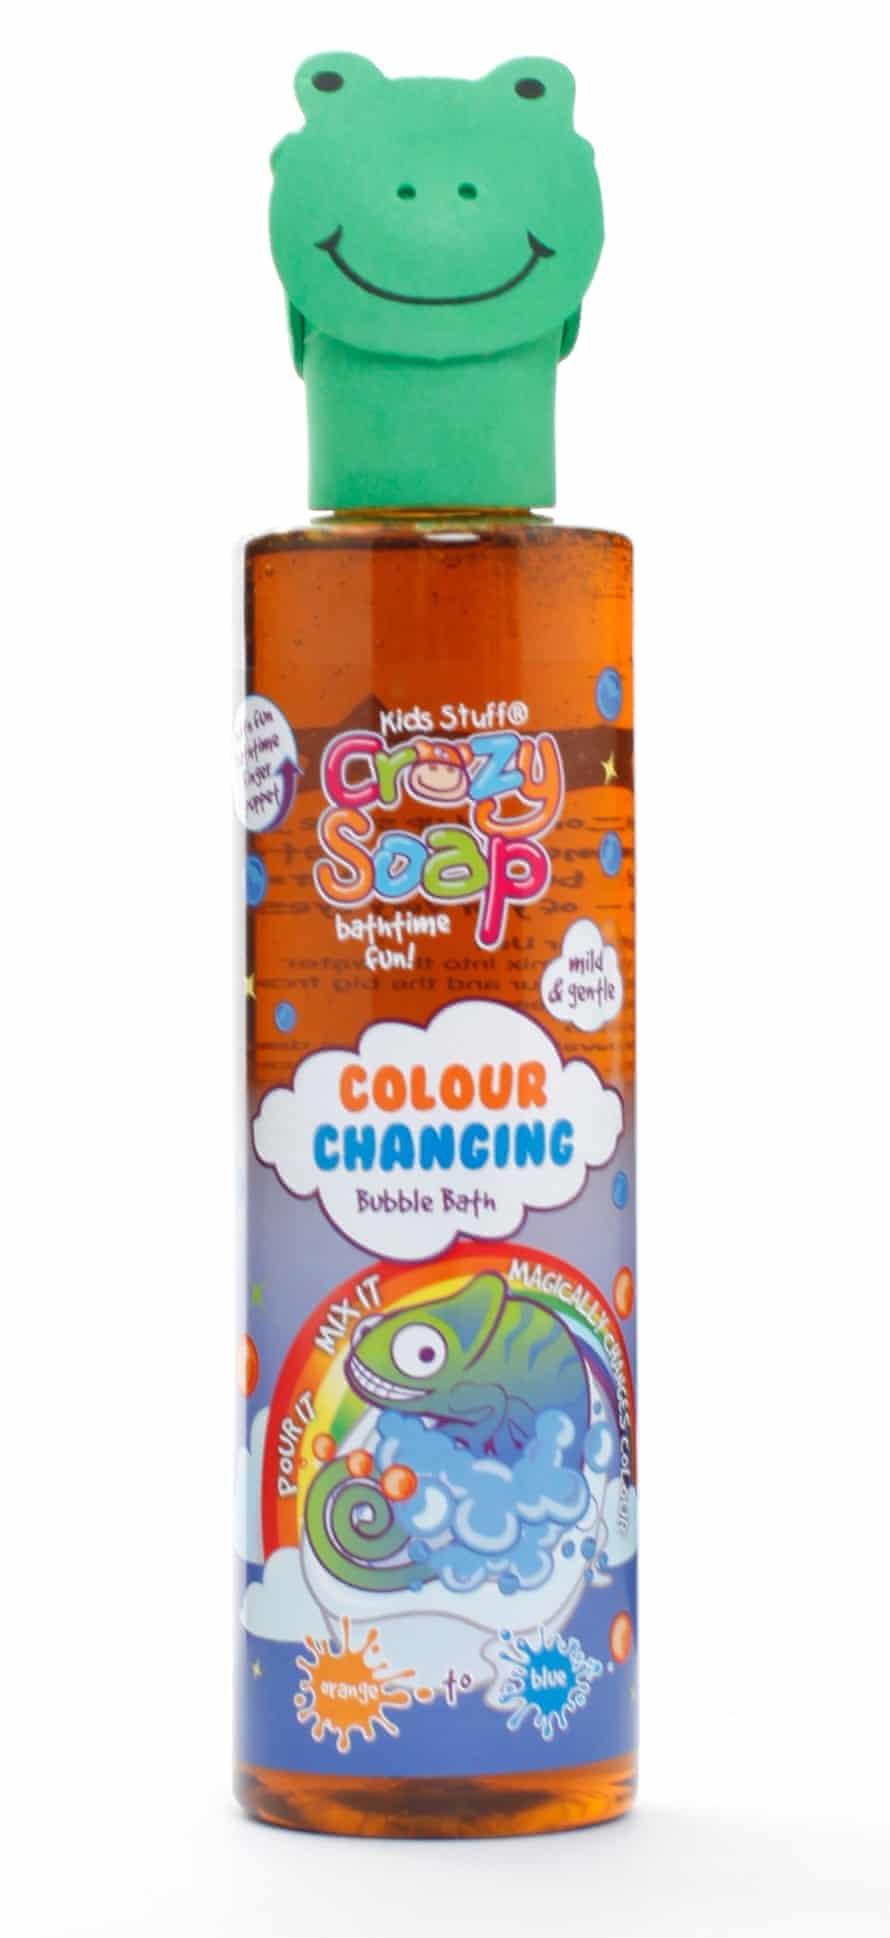 Kid's Stuff Crazy Colour bubble bath £2 sainsburys.co.uk